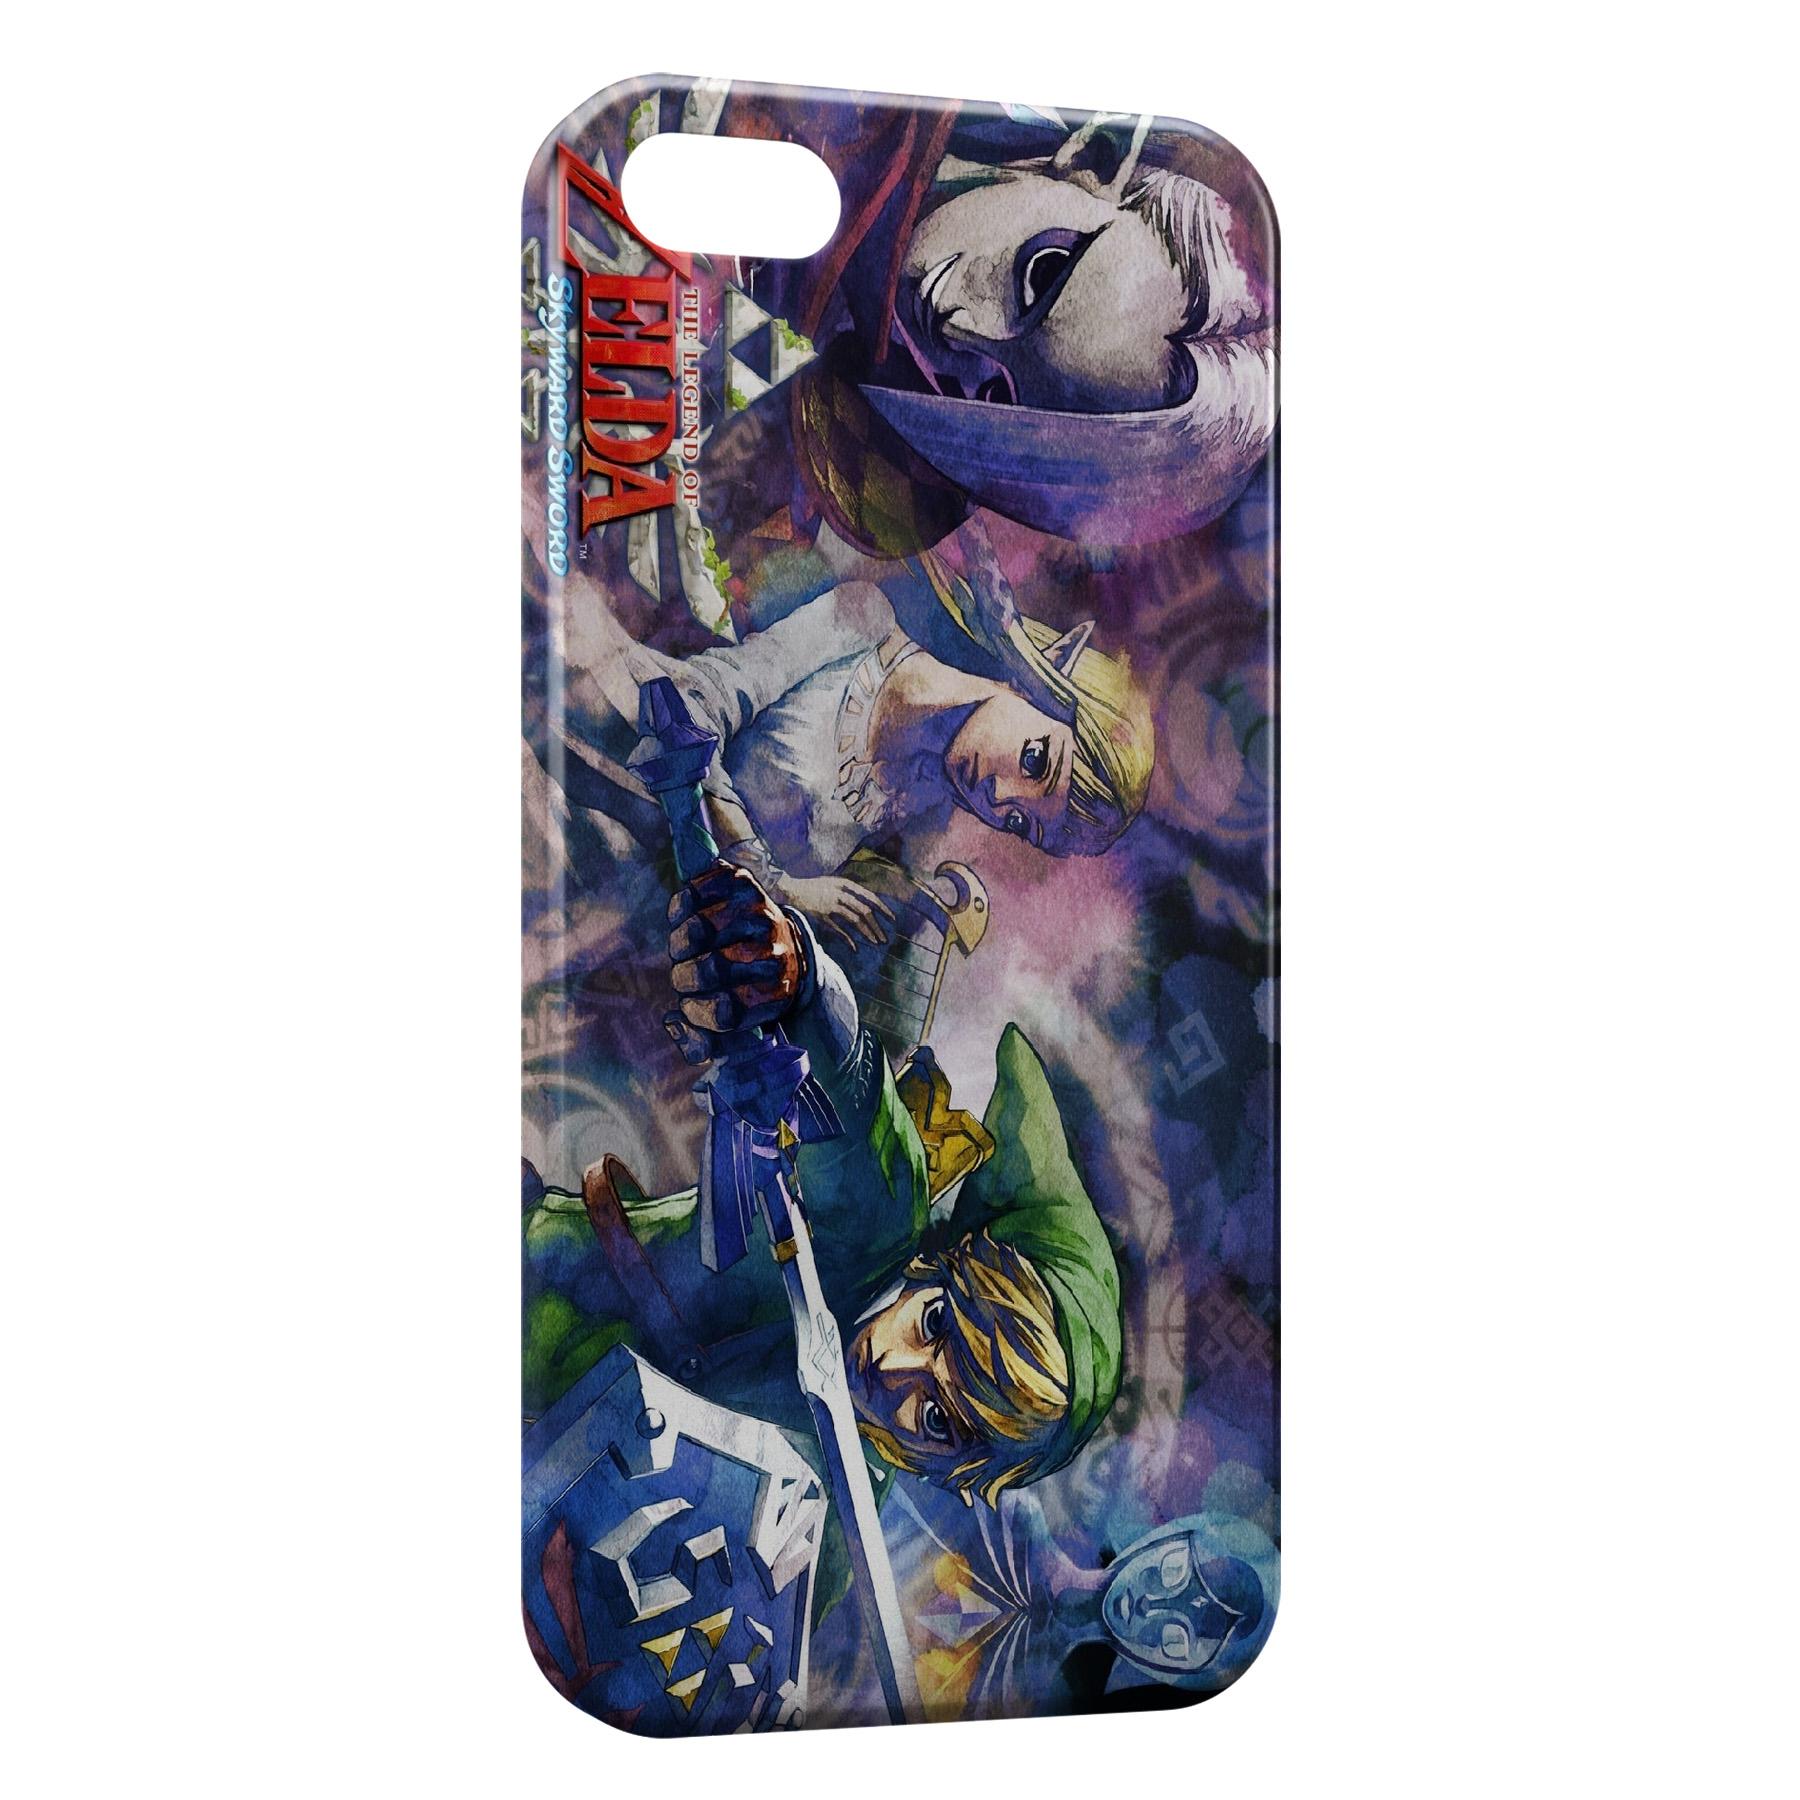 Coque iPhone 5C The Legend of Zelda Skyward Sword 3